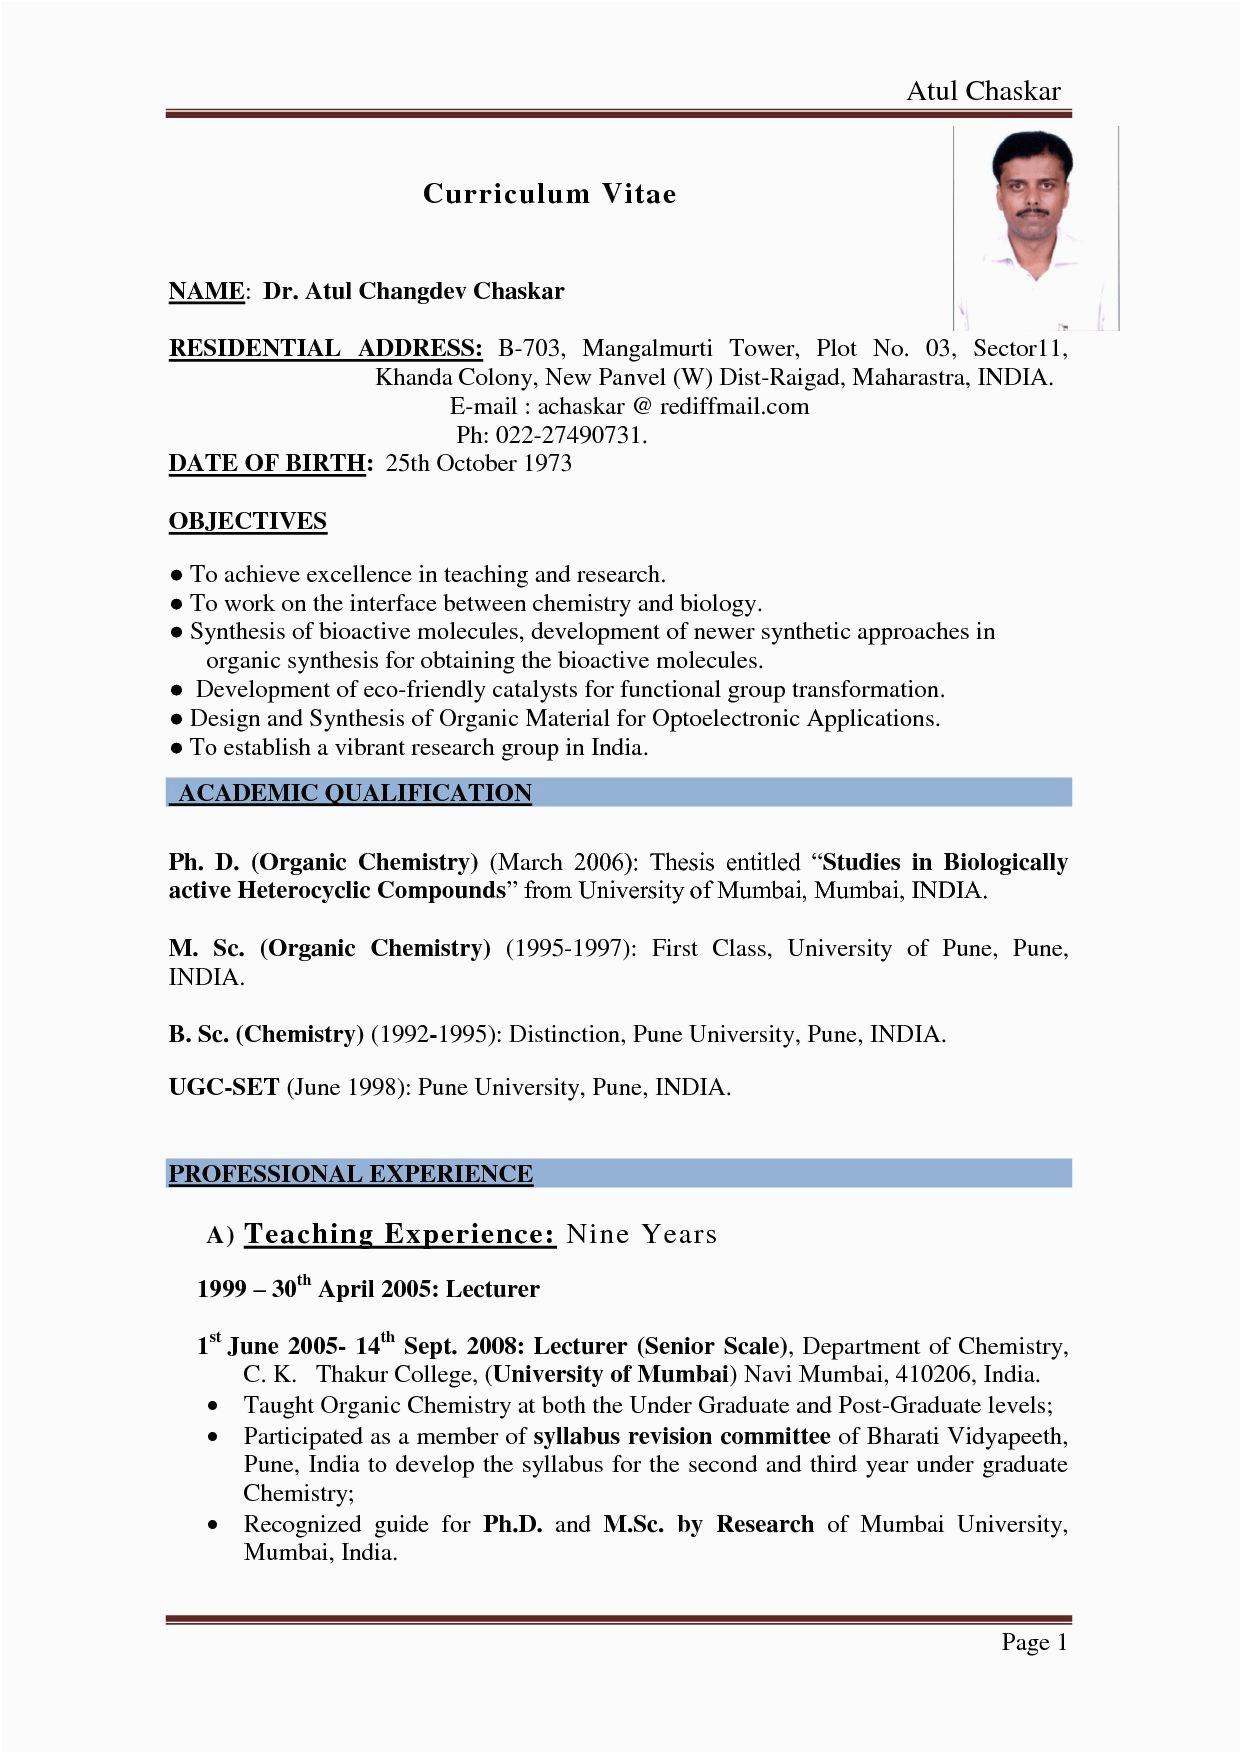 indian resume format pdf